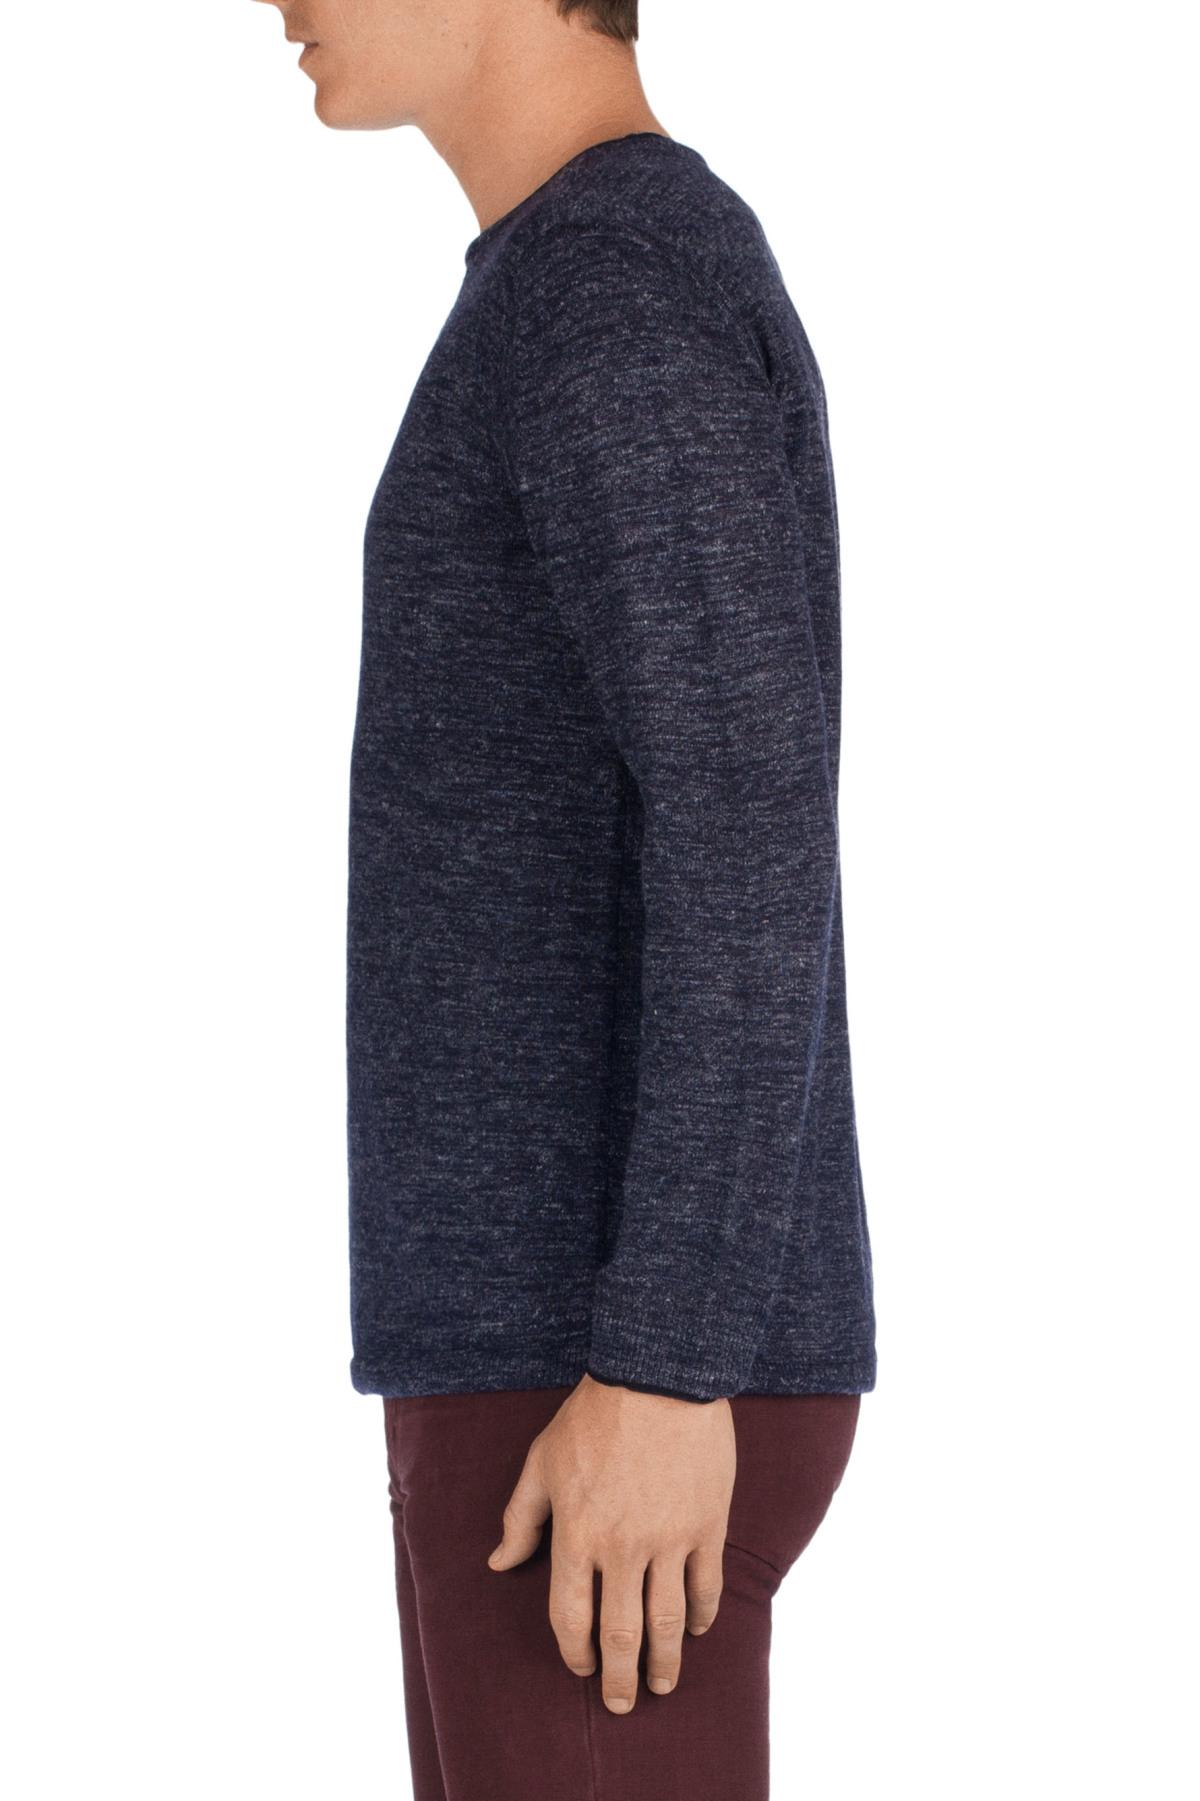 j brand conrad sweater in navy in blue for men navy melange lyst. Black Bedroom Furniture Sets. Home Design Ideas